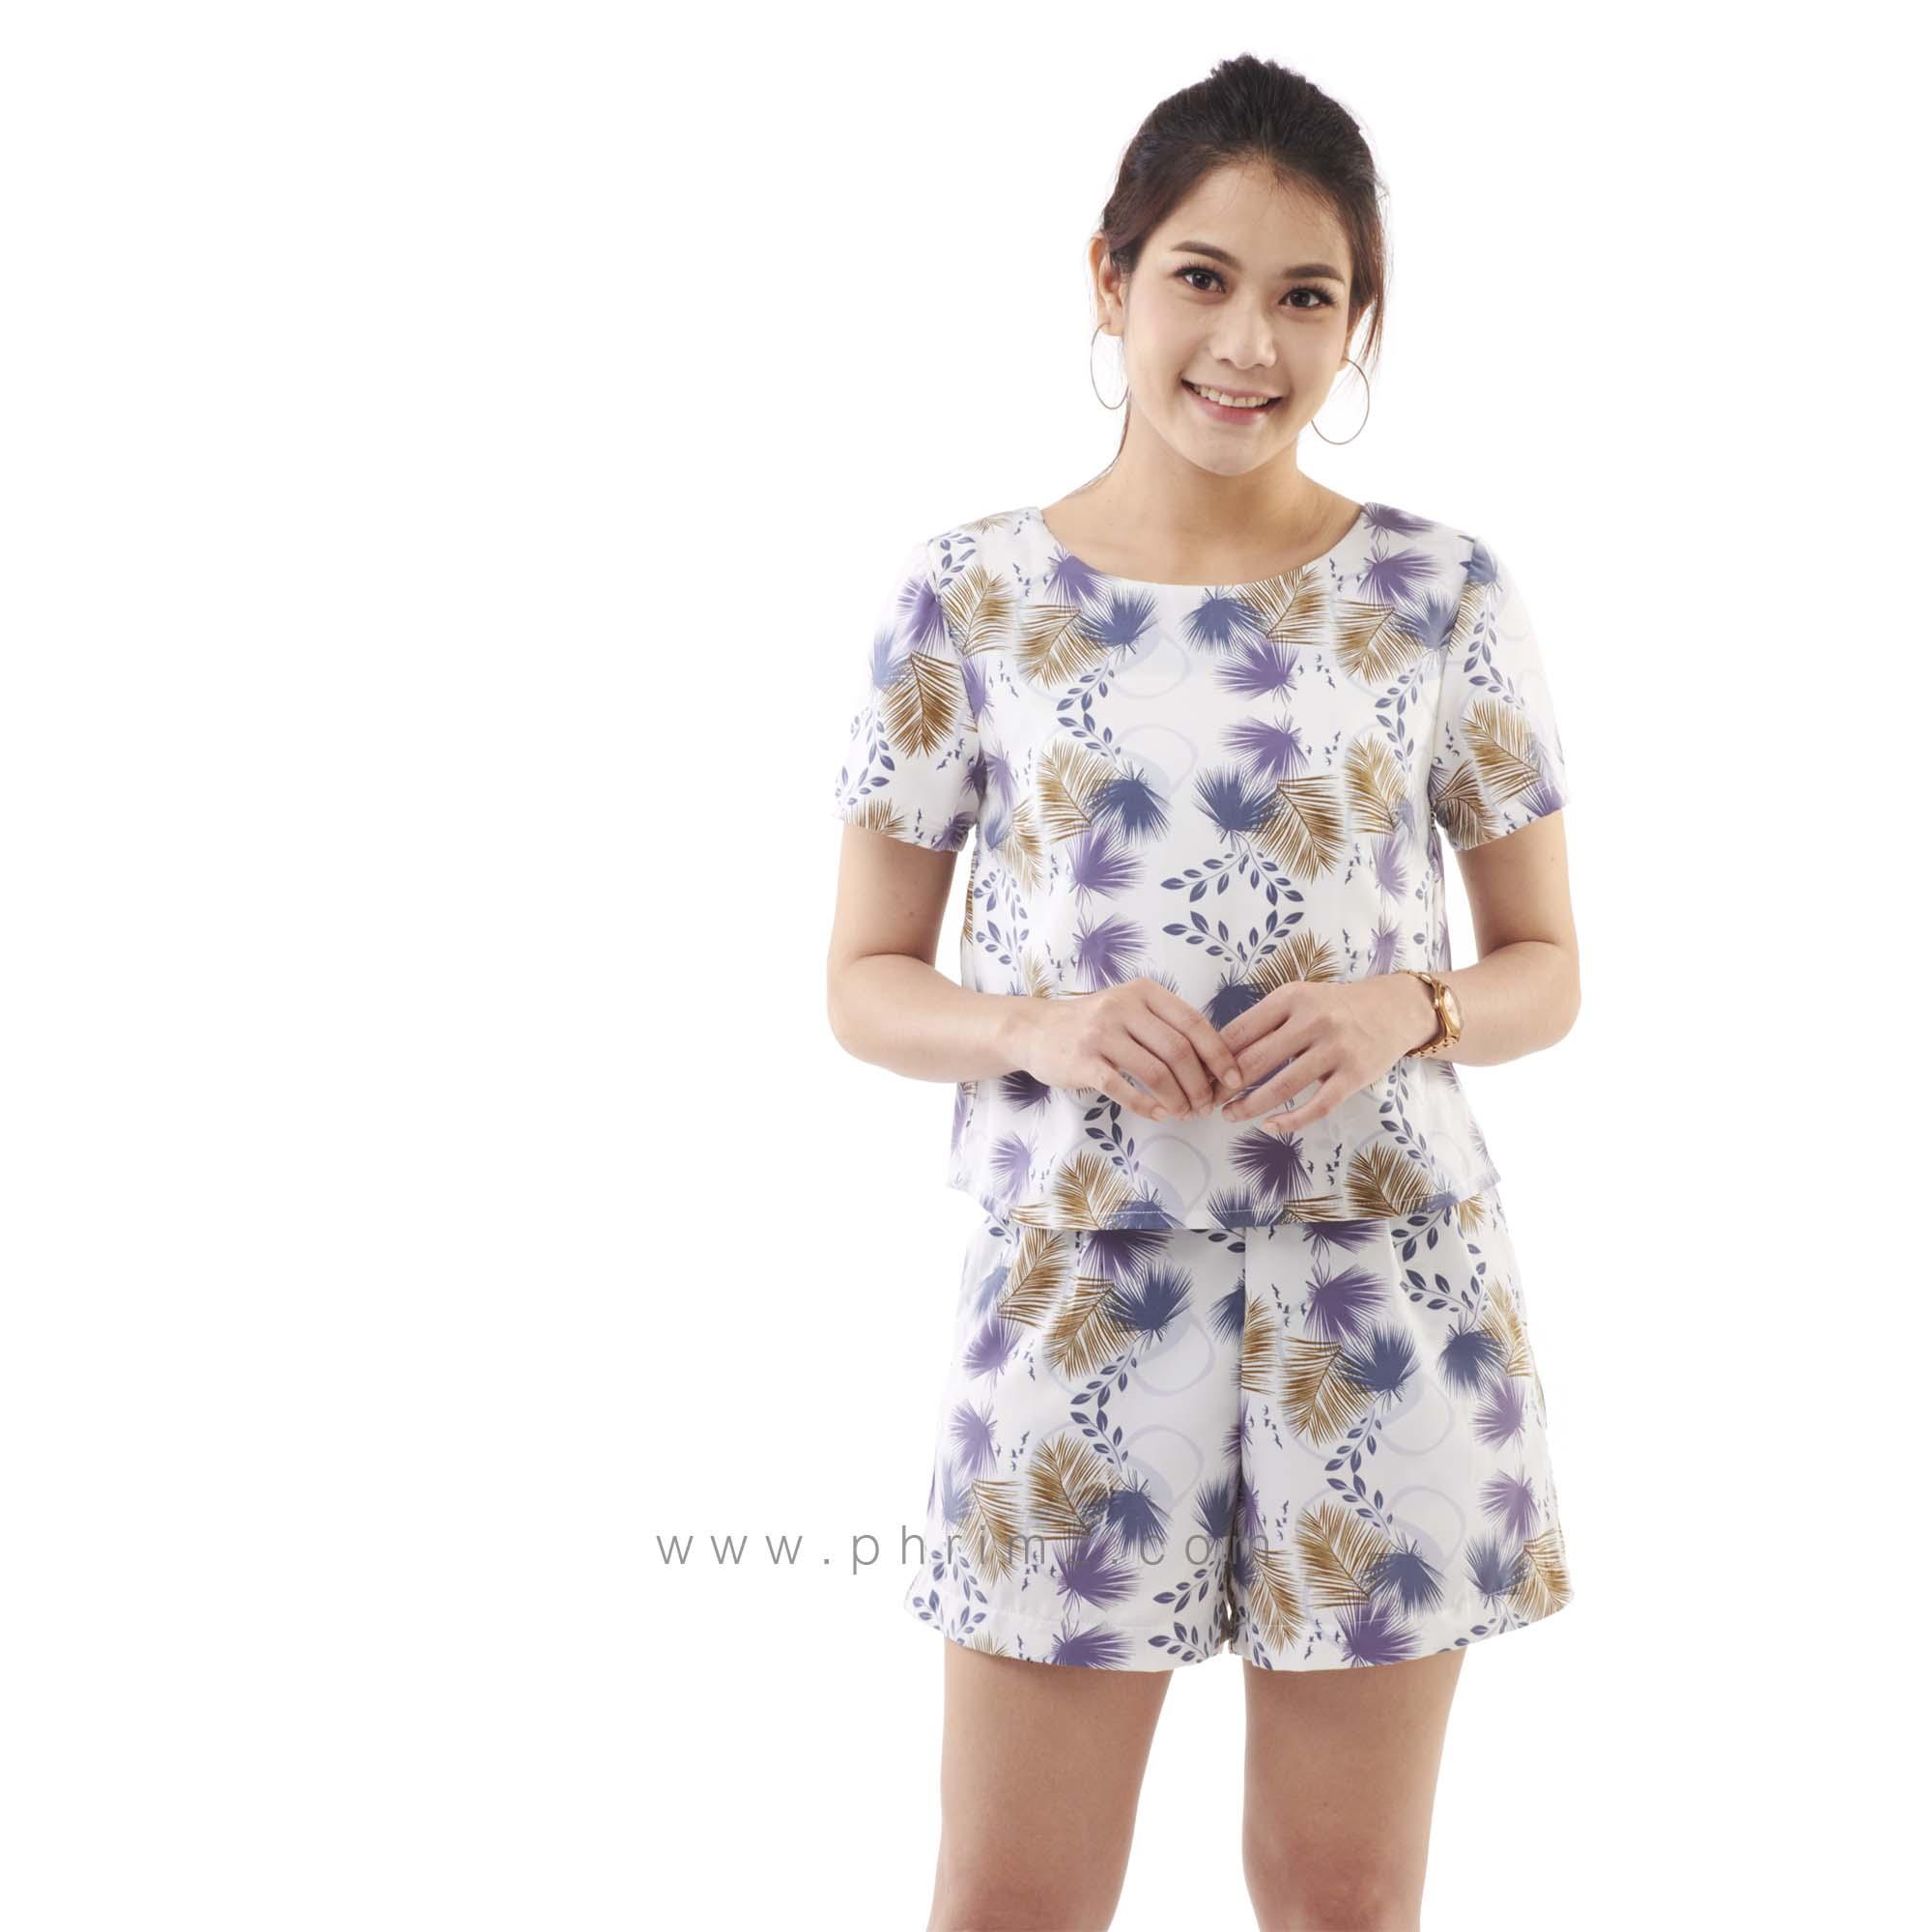 ชุดให้นม Phrimz : Nalynn Breastfeeding Top with Shorts - Purple Floral